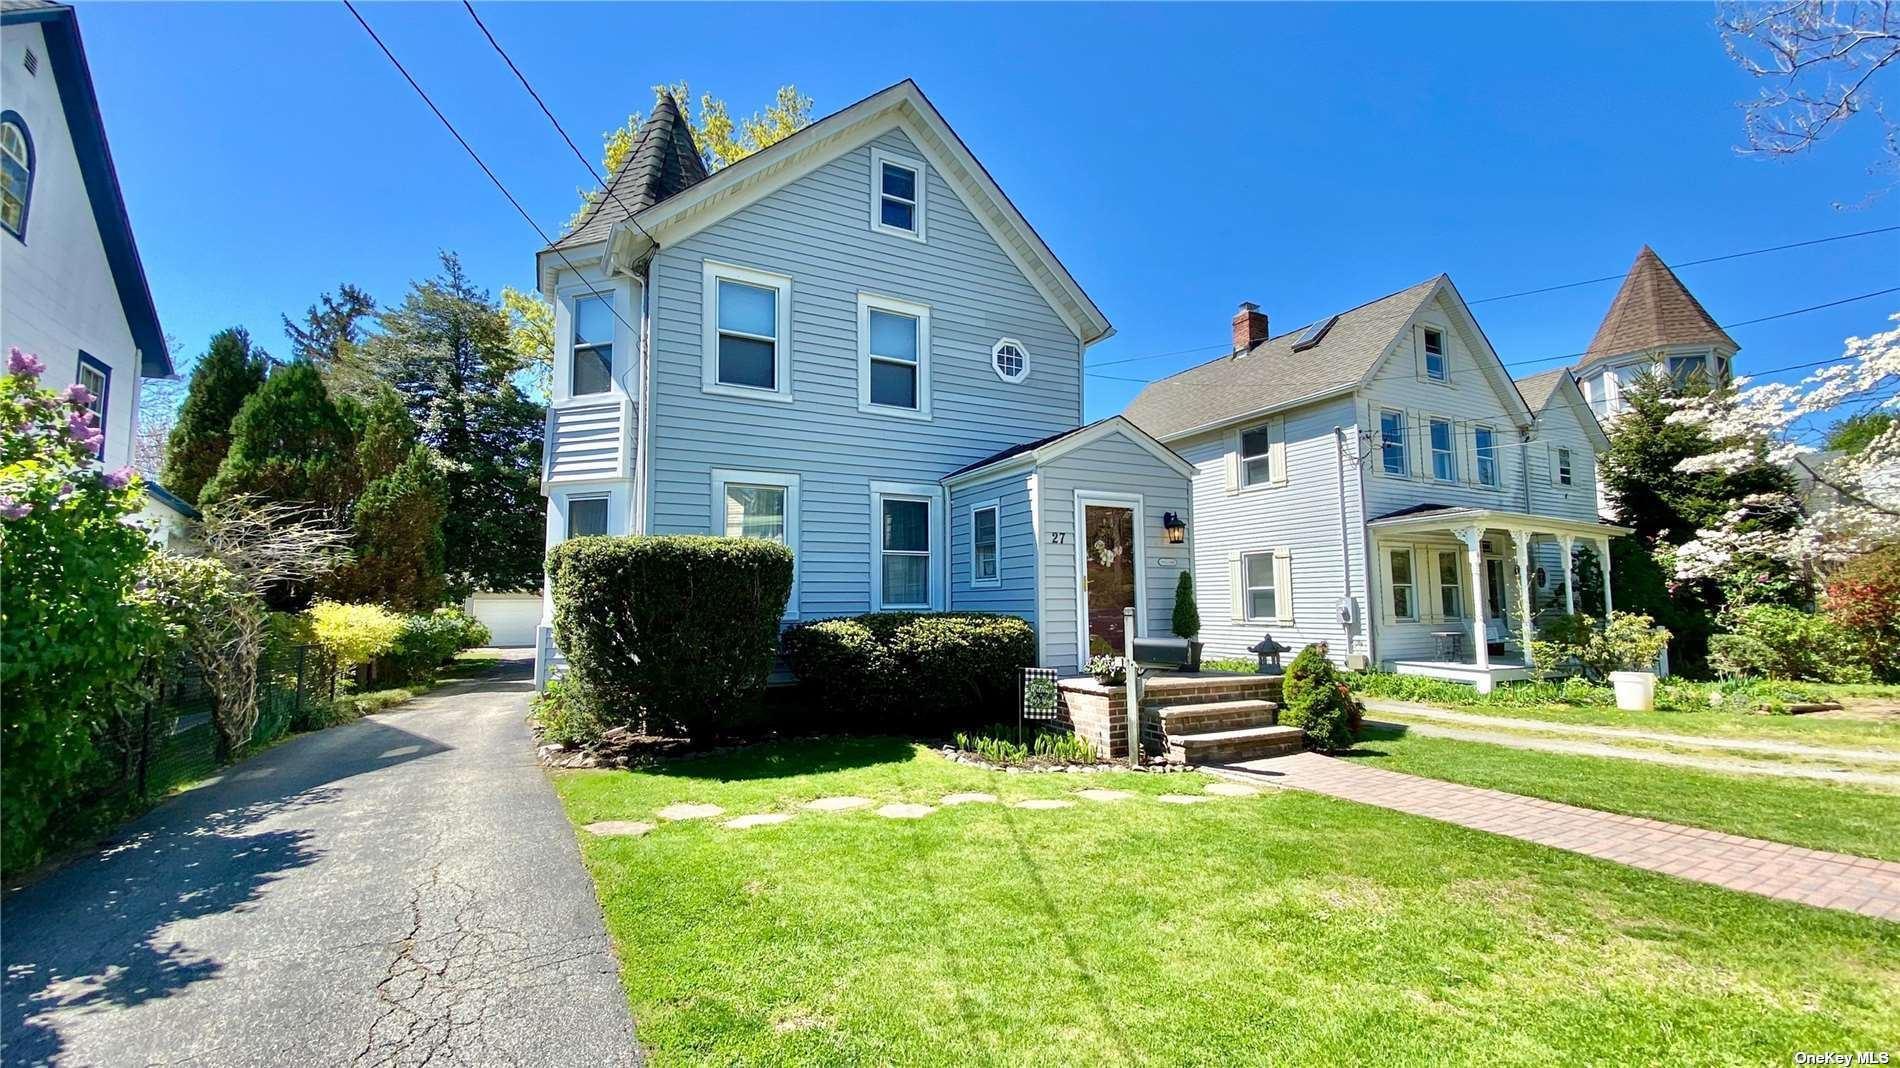 27 Tooker Avenue, Oyster Bay, NY 11771 - MLS#: 3309792